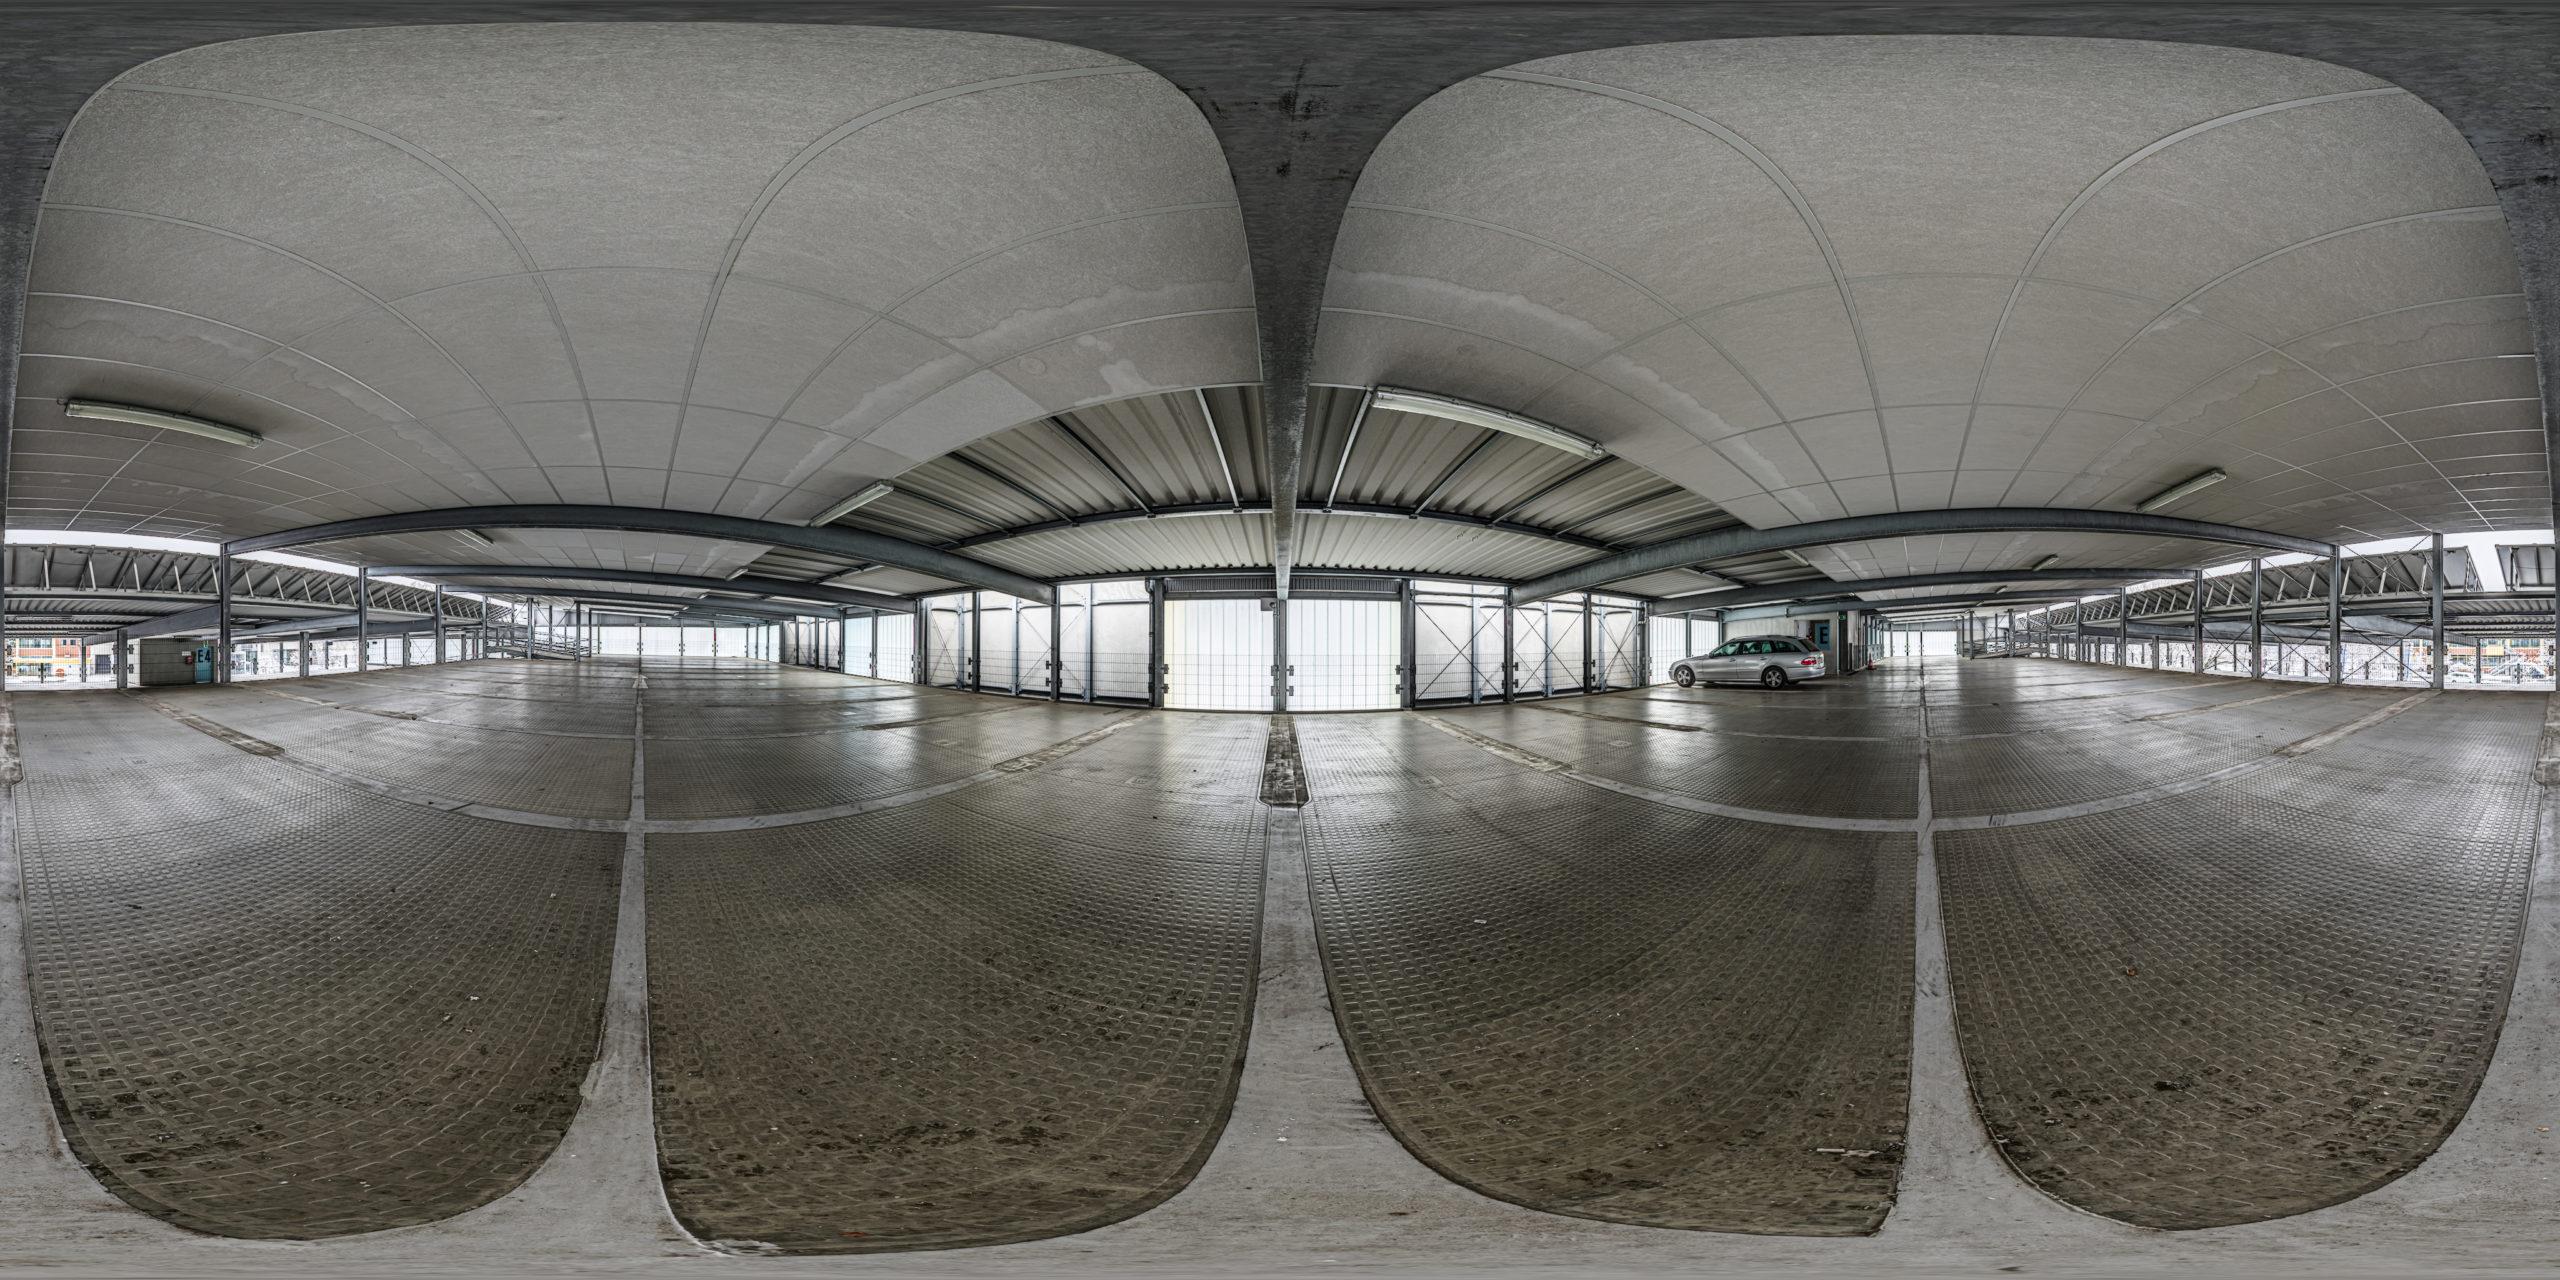 HDRI-Skies-Parking-Garage-Fürther-Mare-Fürth